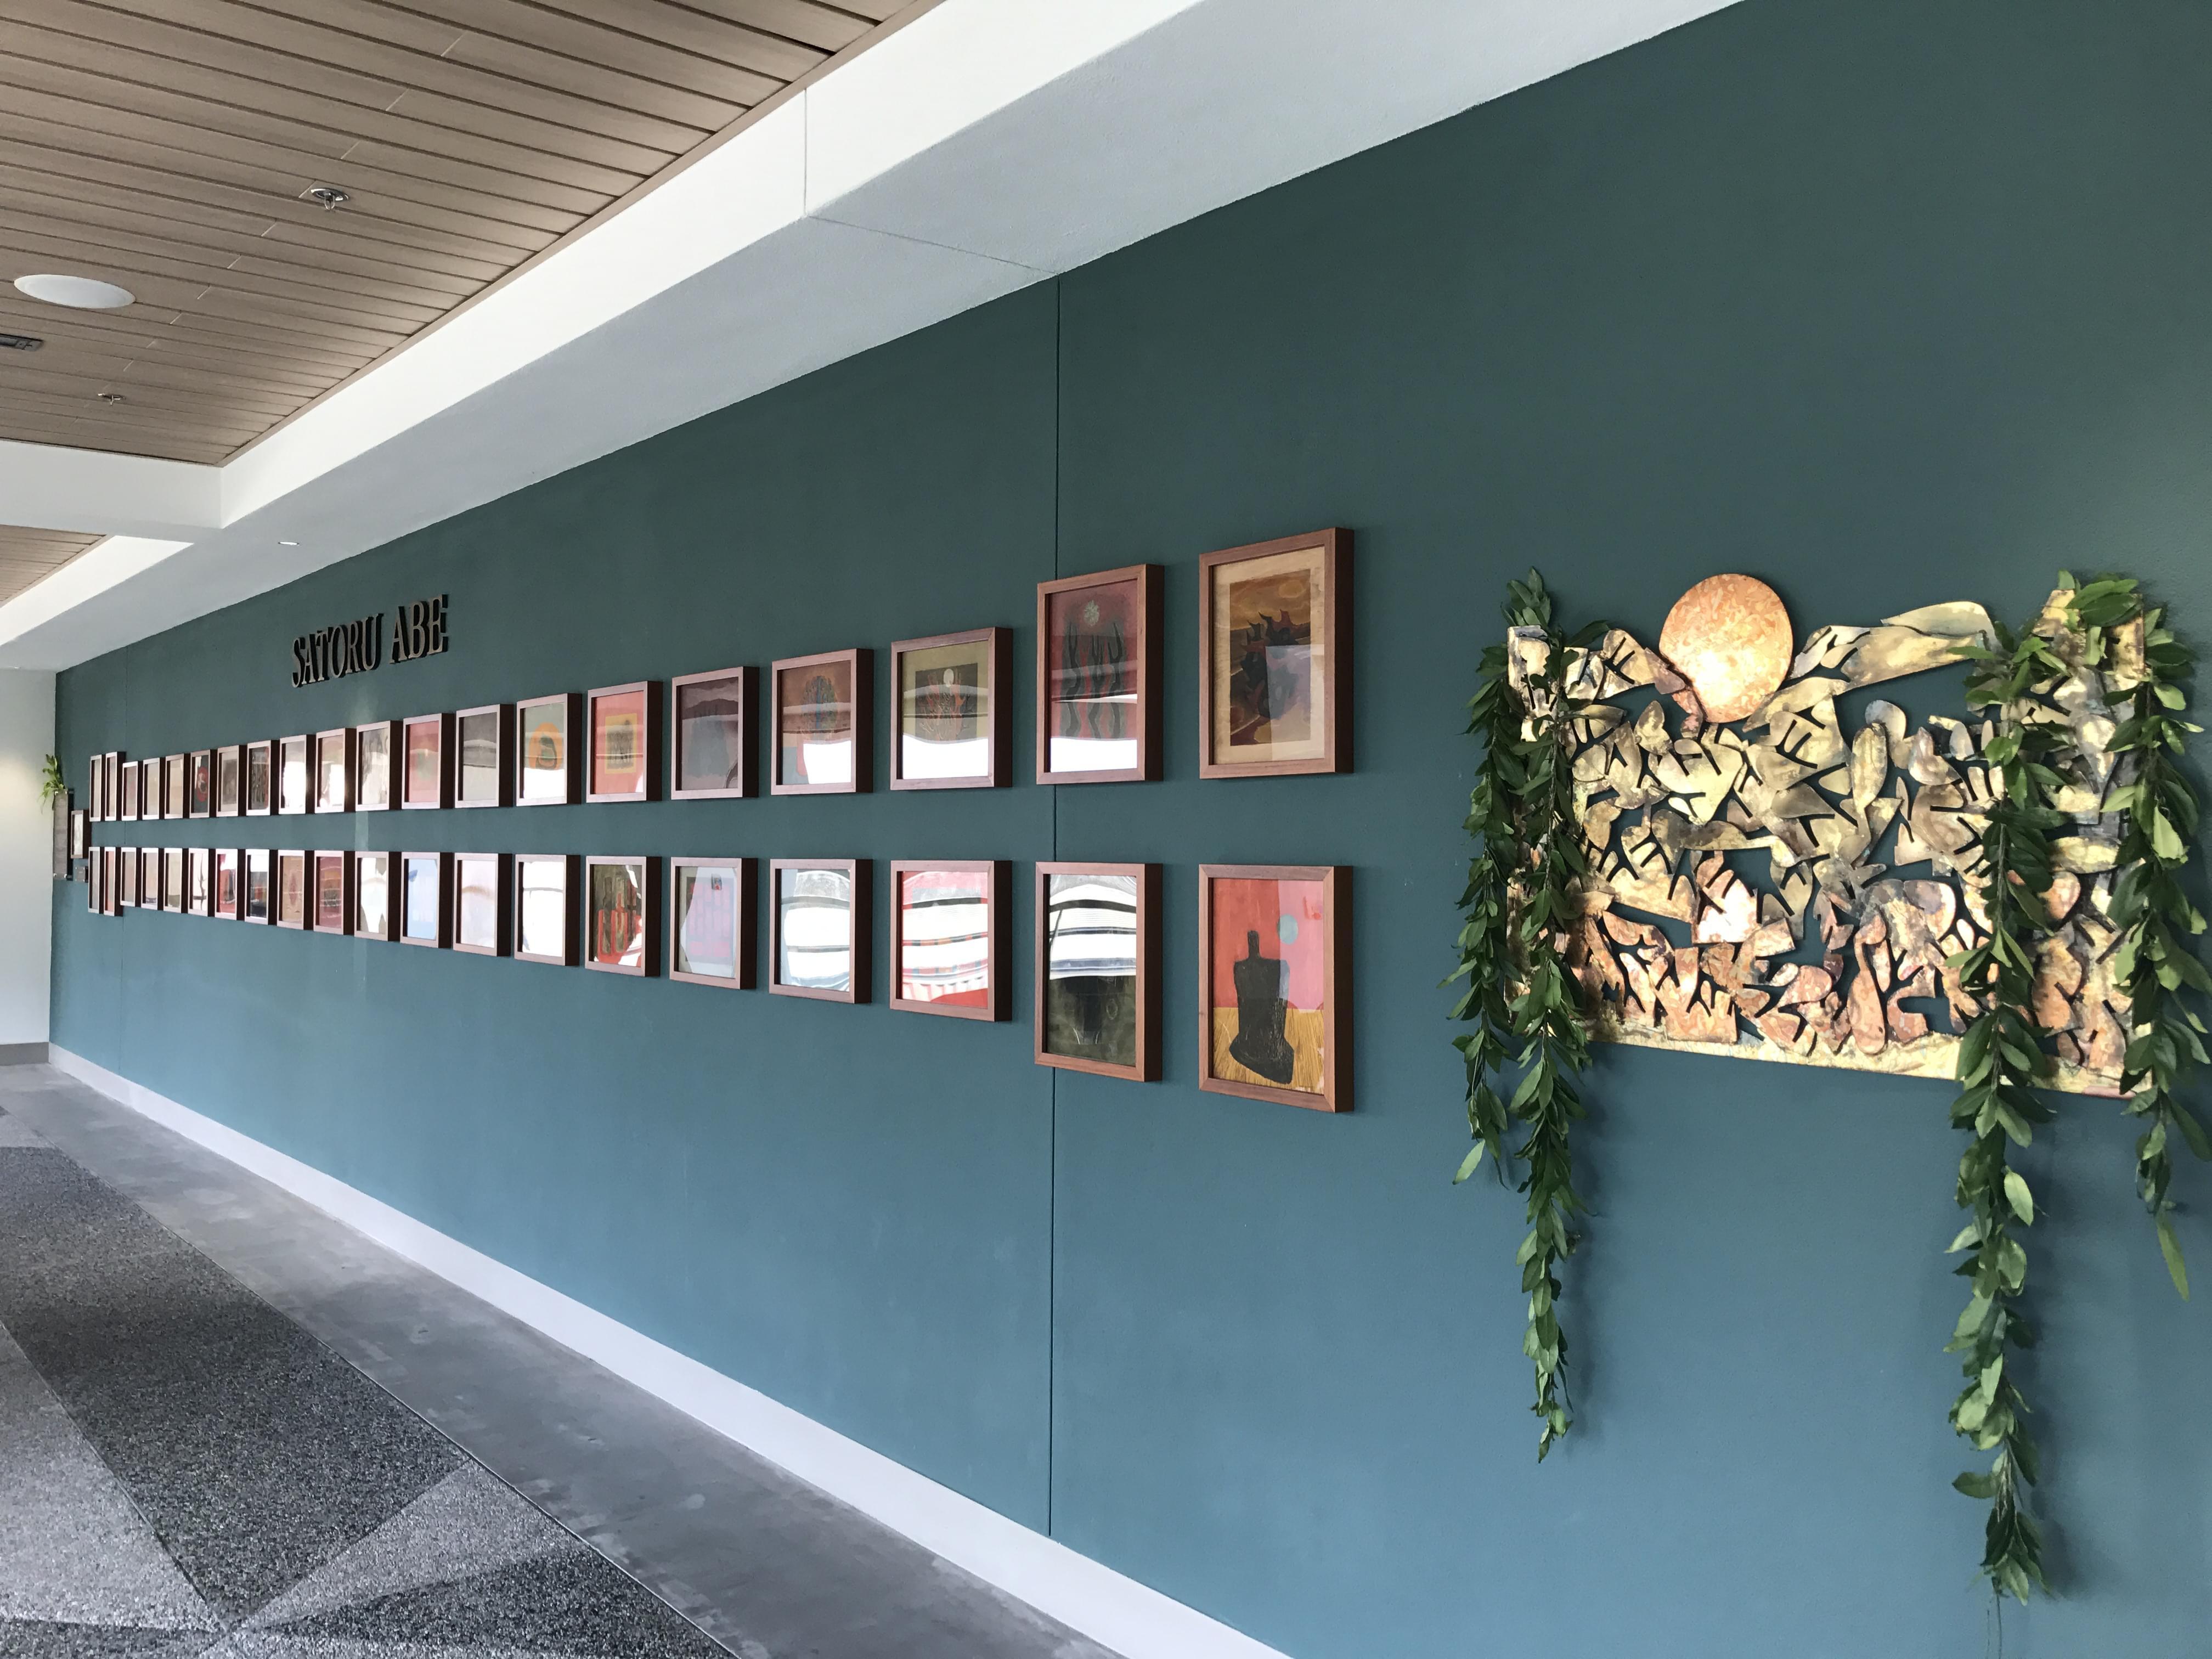 ハワイ・ホノルル国際空港(HNL)完全ガイド!市内へのアクセスと空港での過ごし方まとめ!